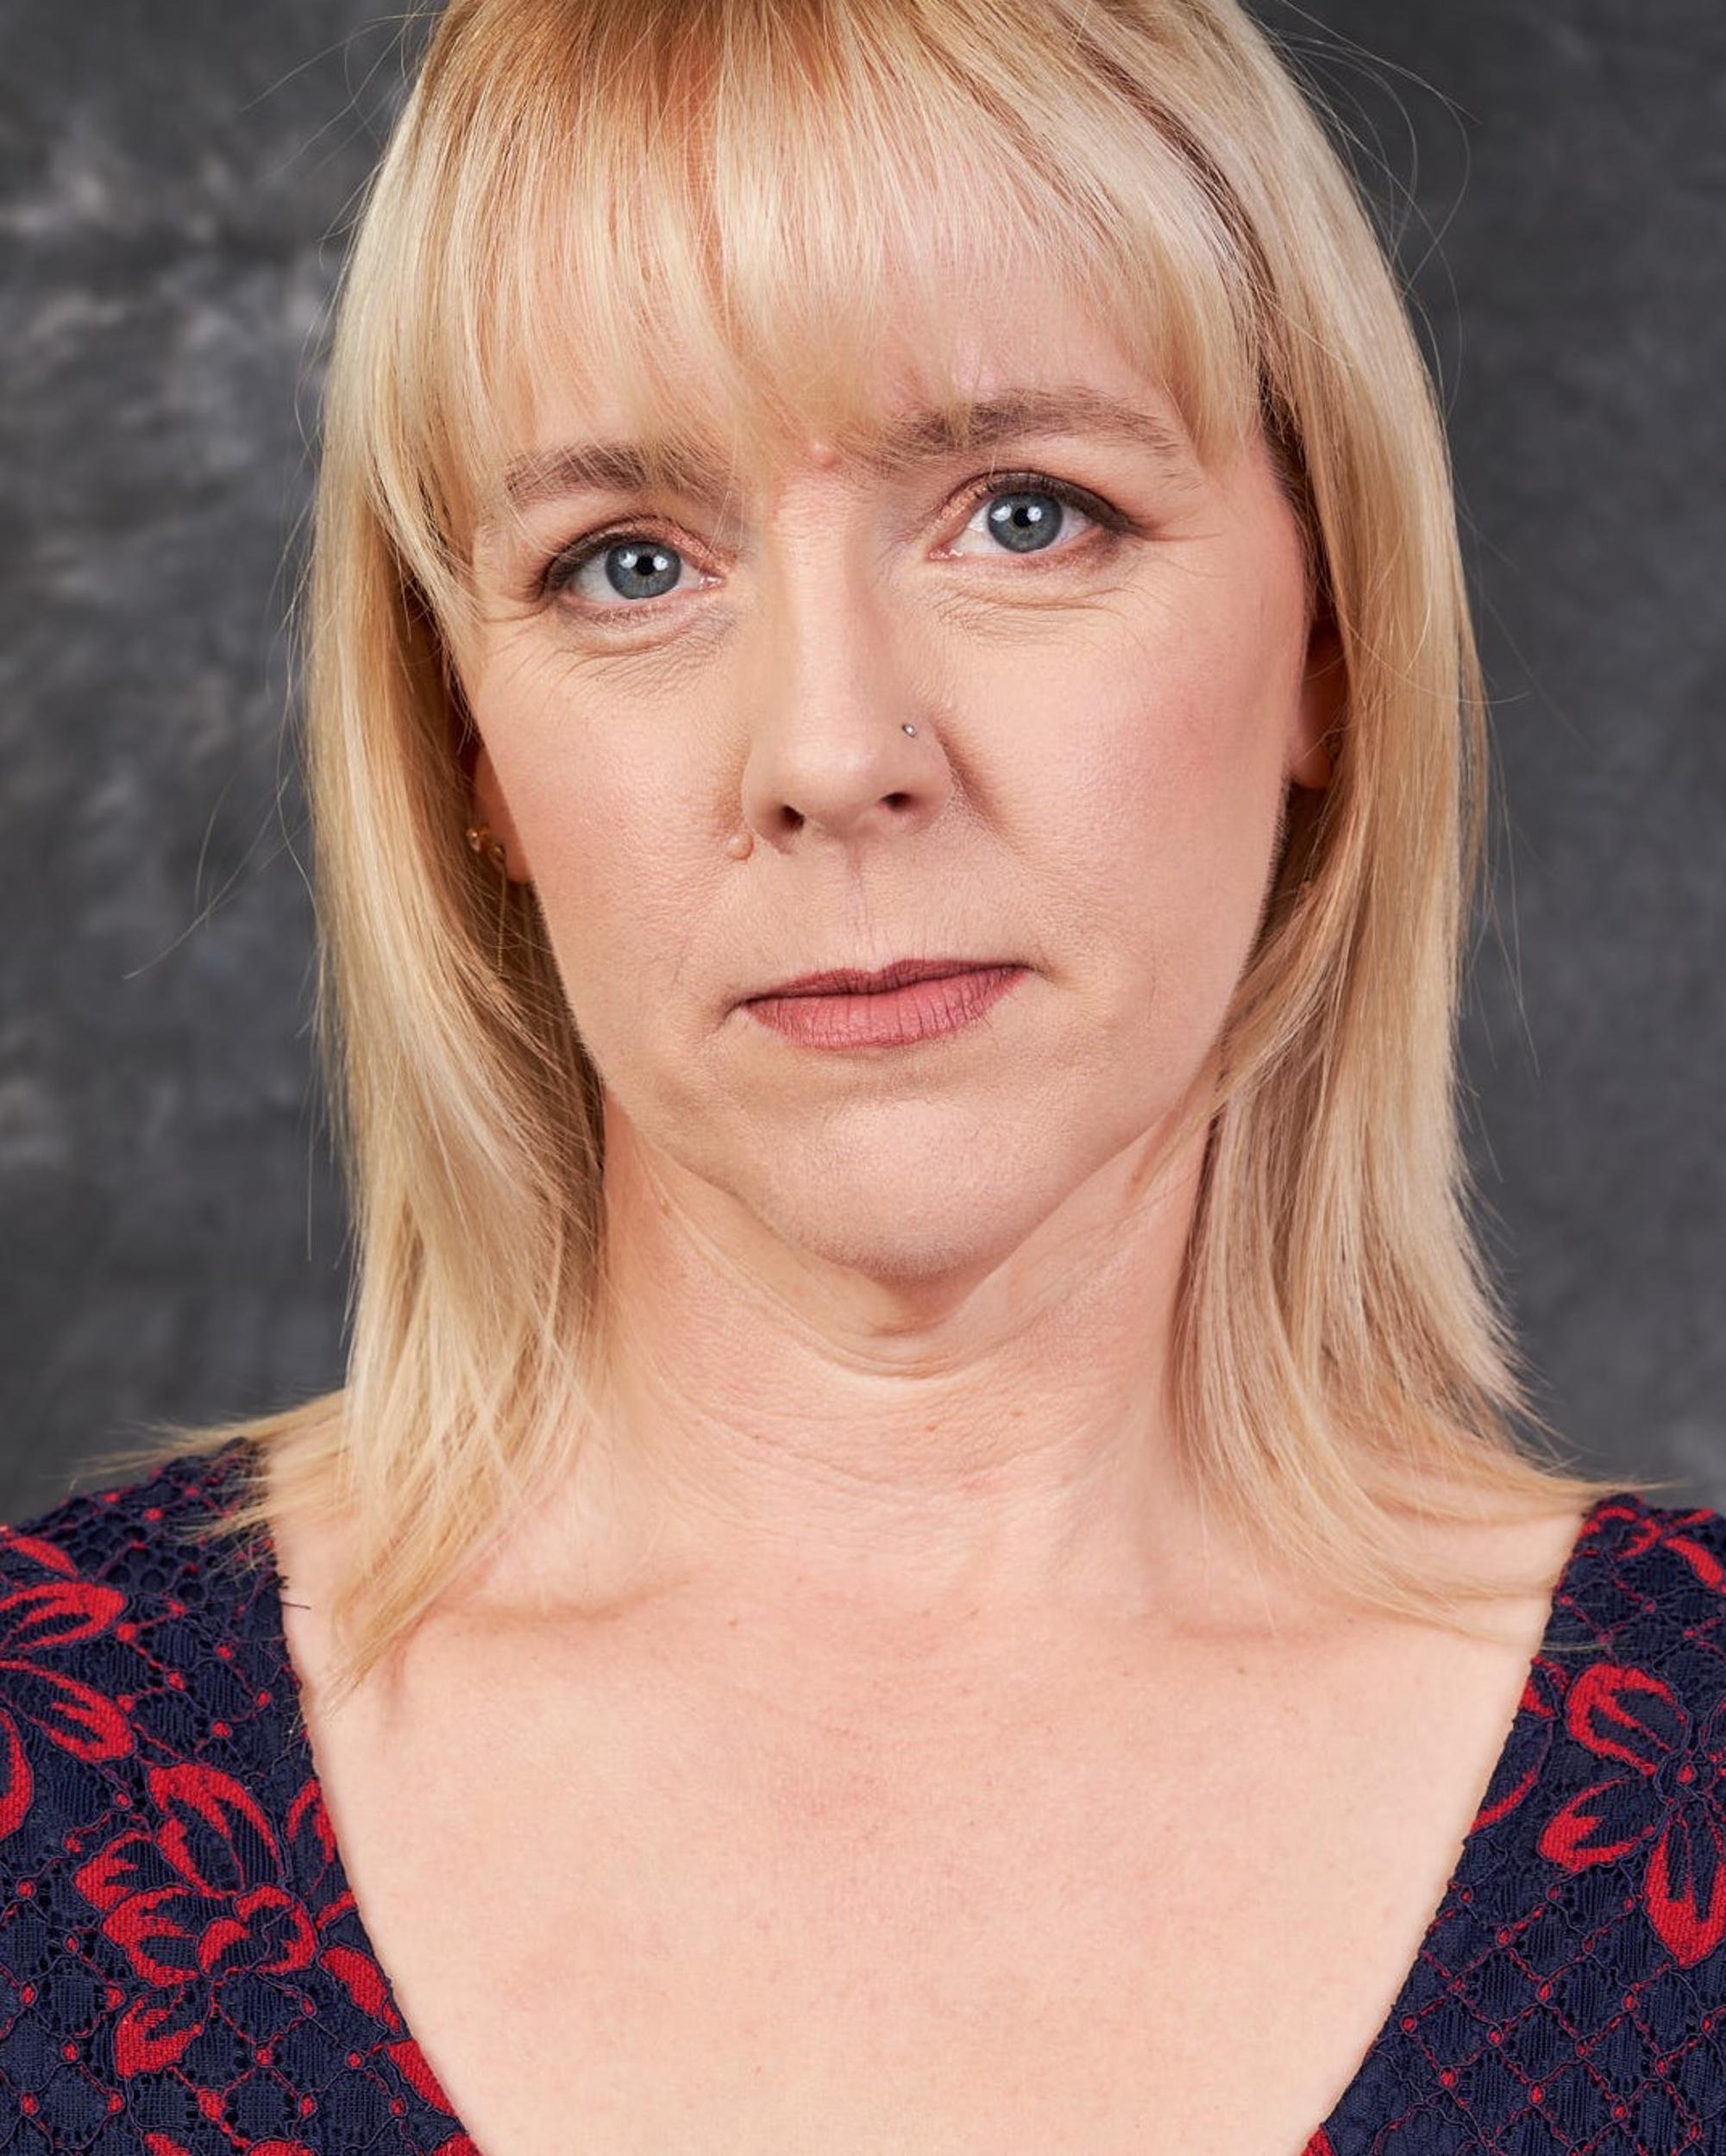 Joanne Gooch